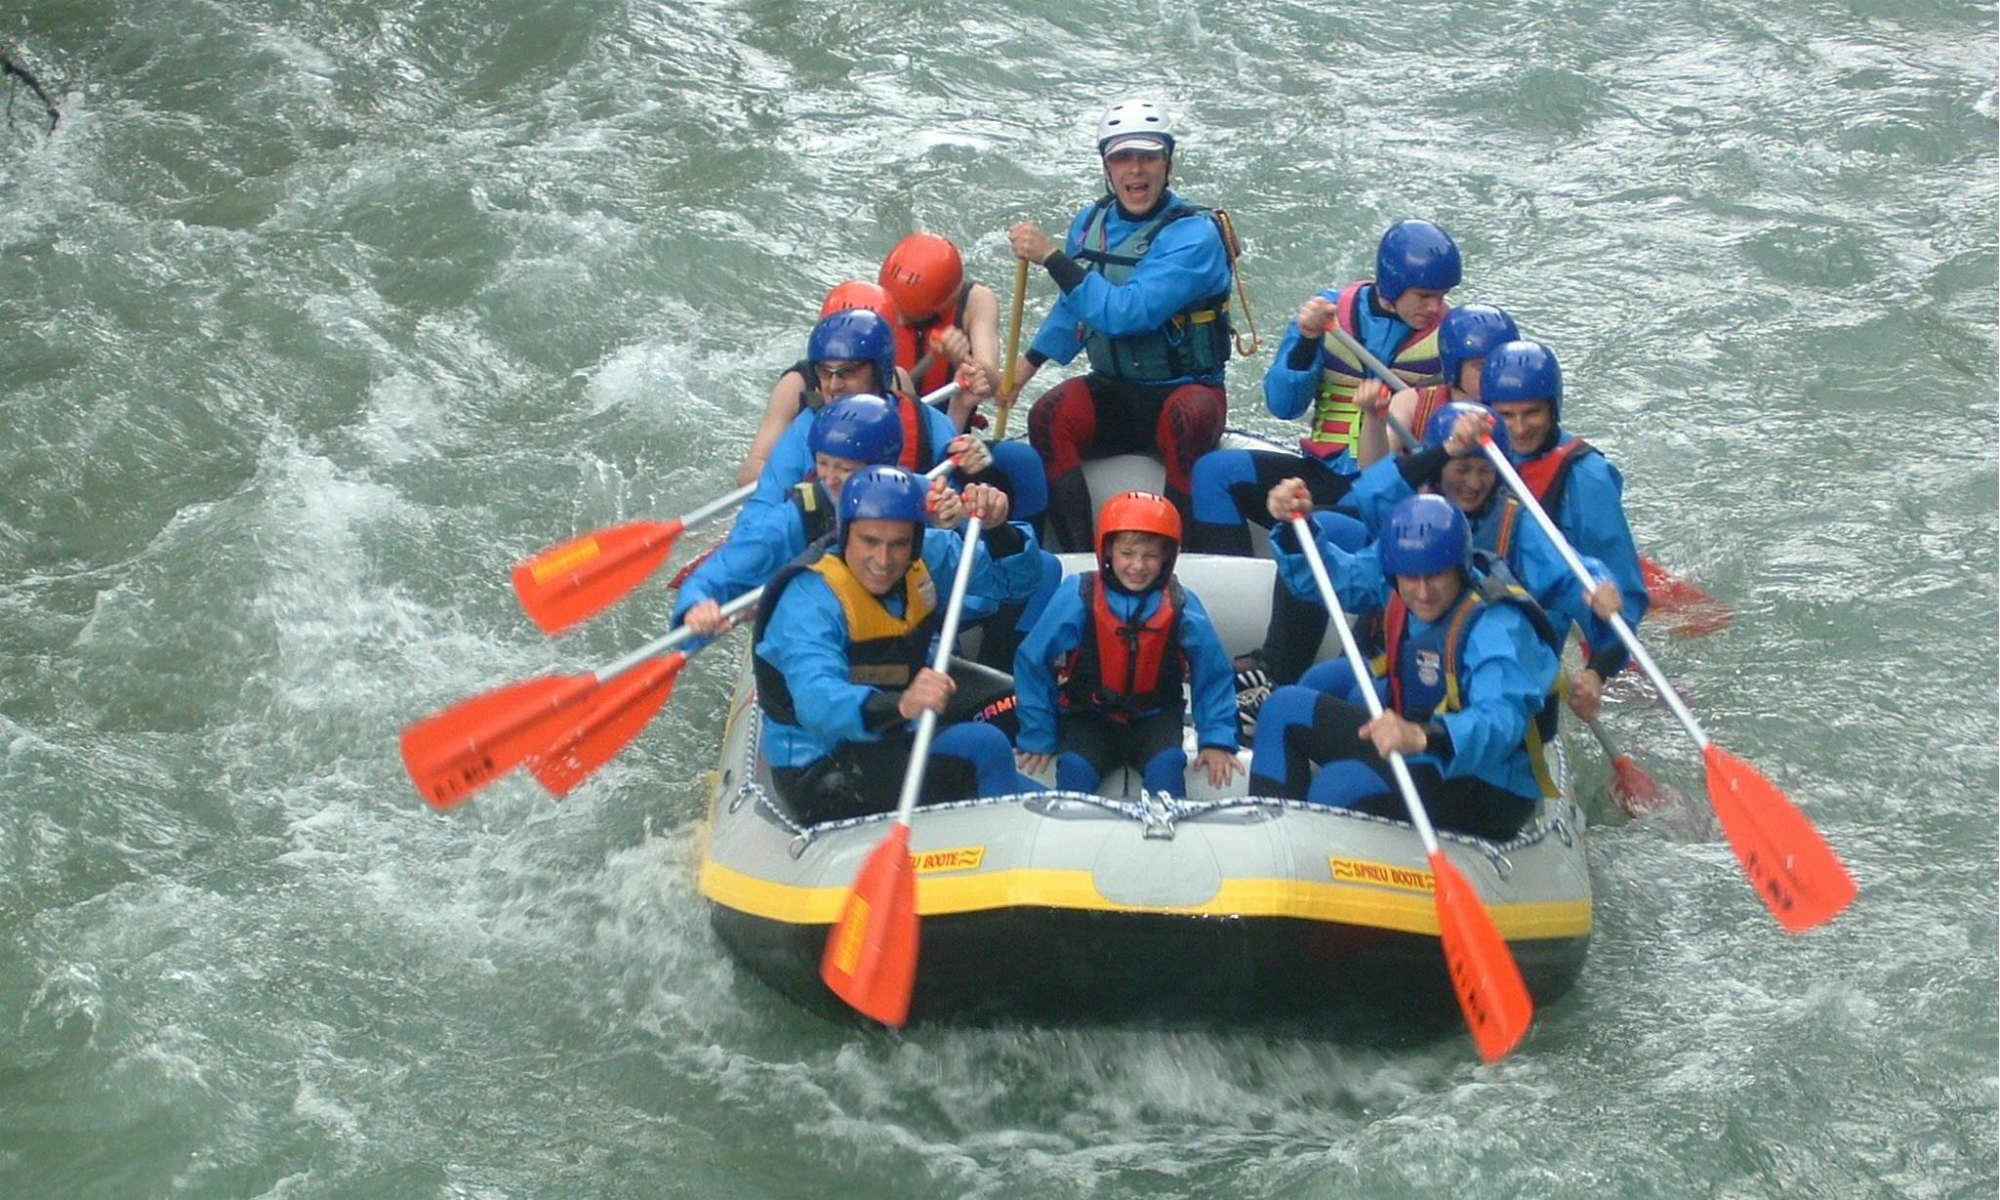 Eine Gruppe beim Wildwasser Rafting in der Nähe von Berchtesgaden.